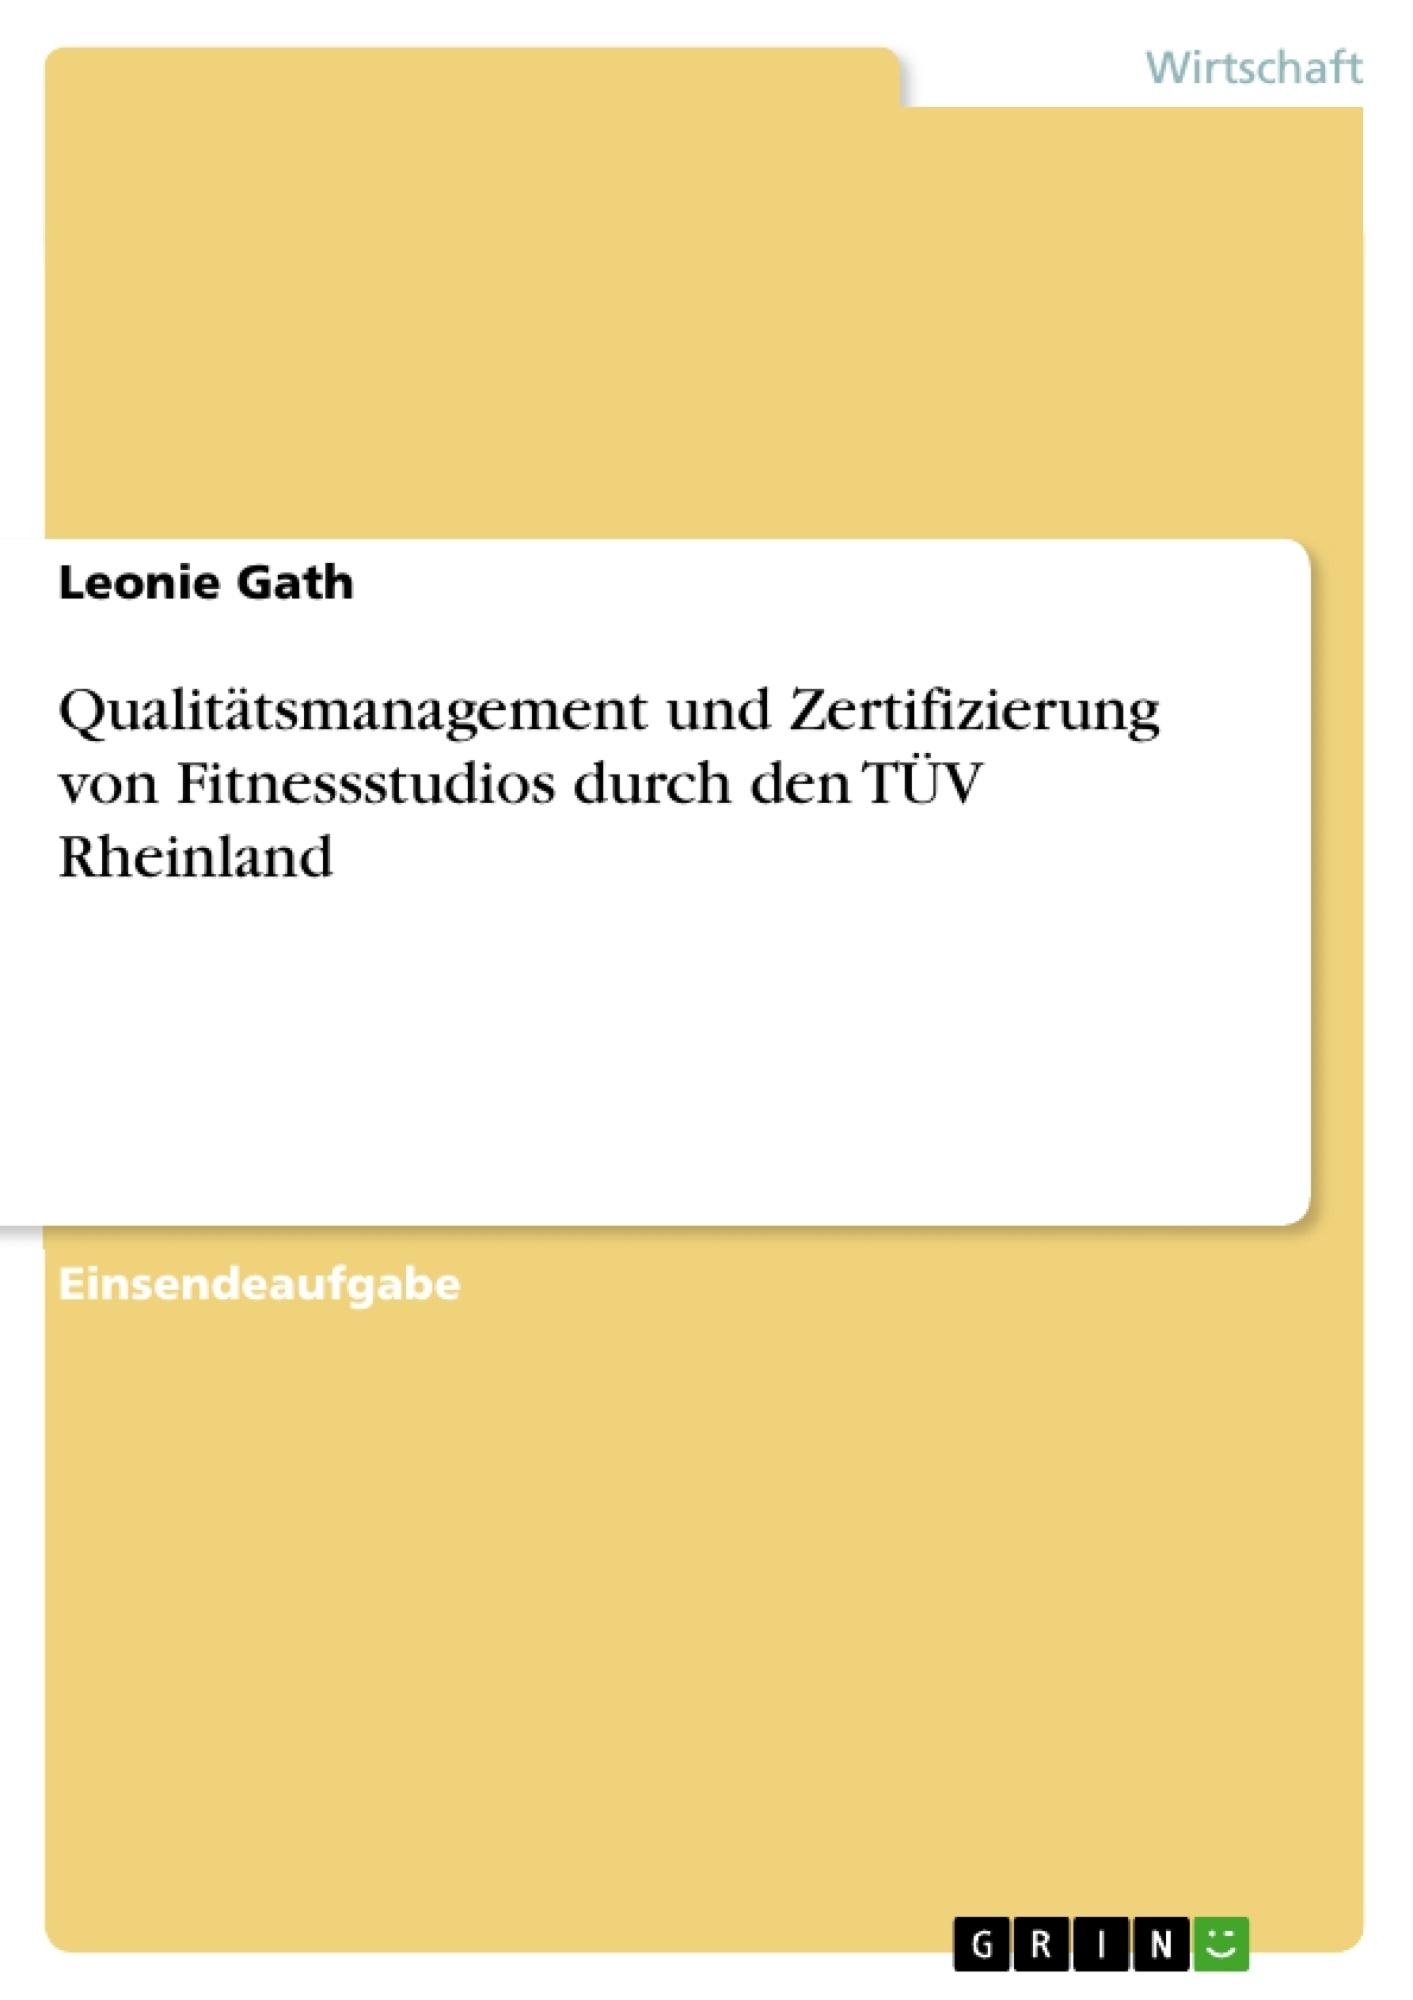 Titel: Qualitätsmanagement und Zertifizierung von Fitnessstudios durch den TÜV Rheinland